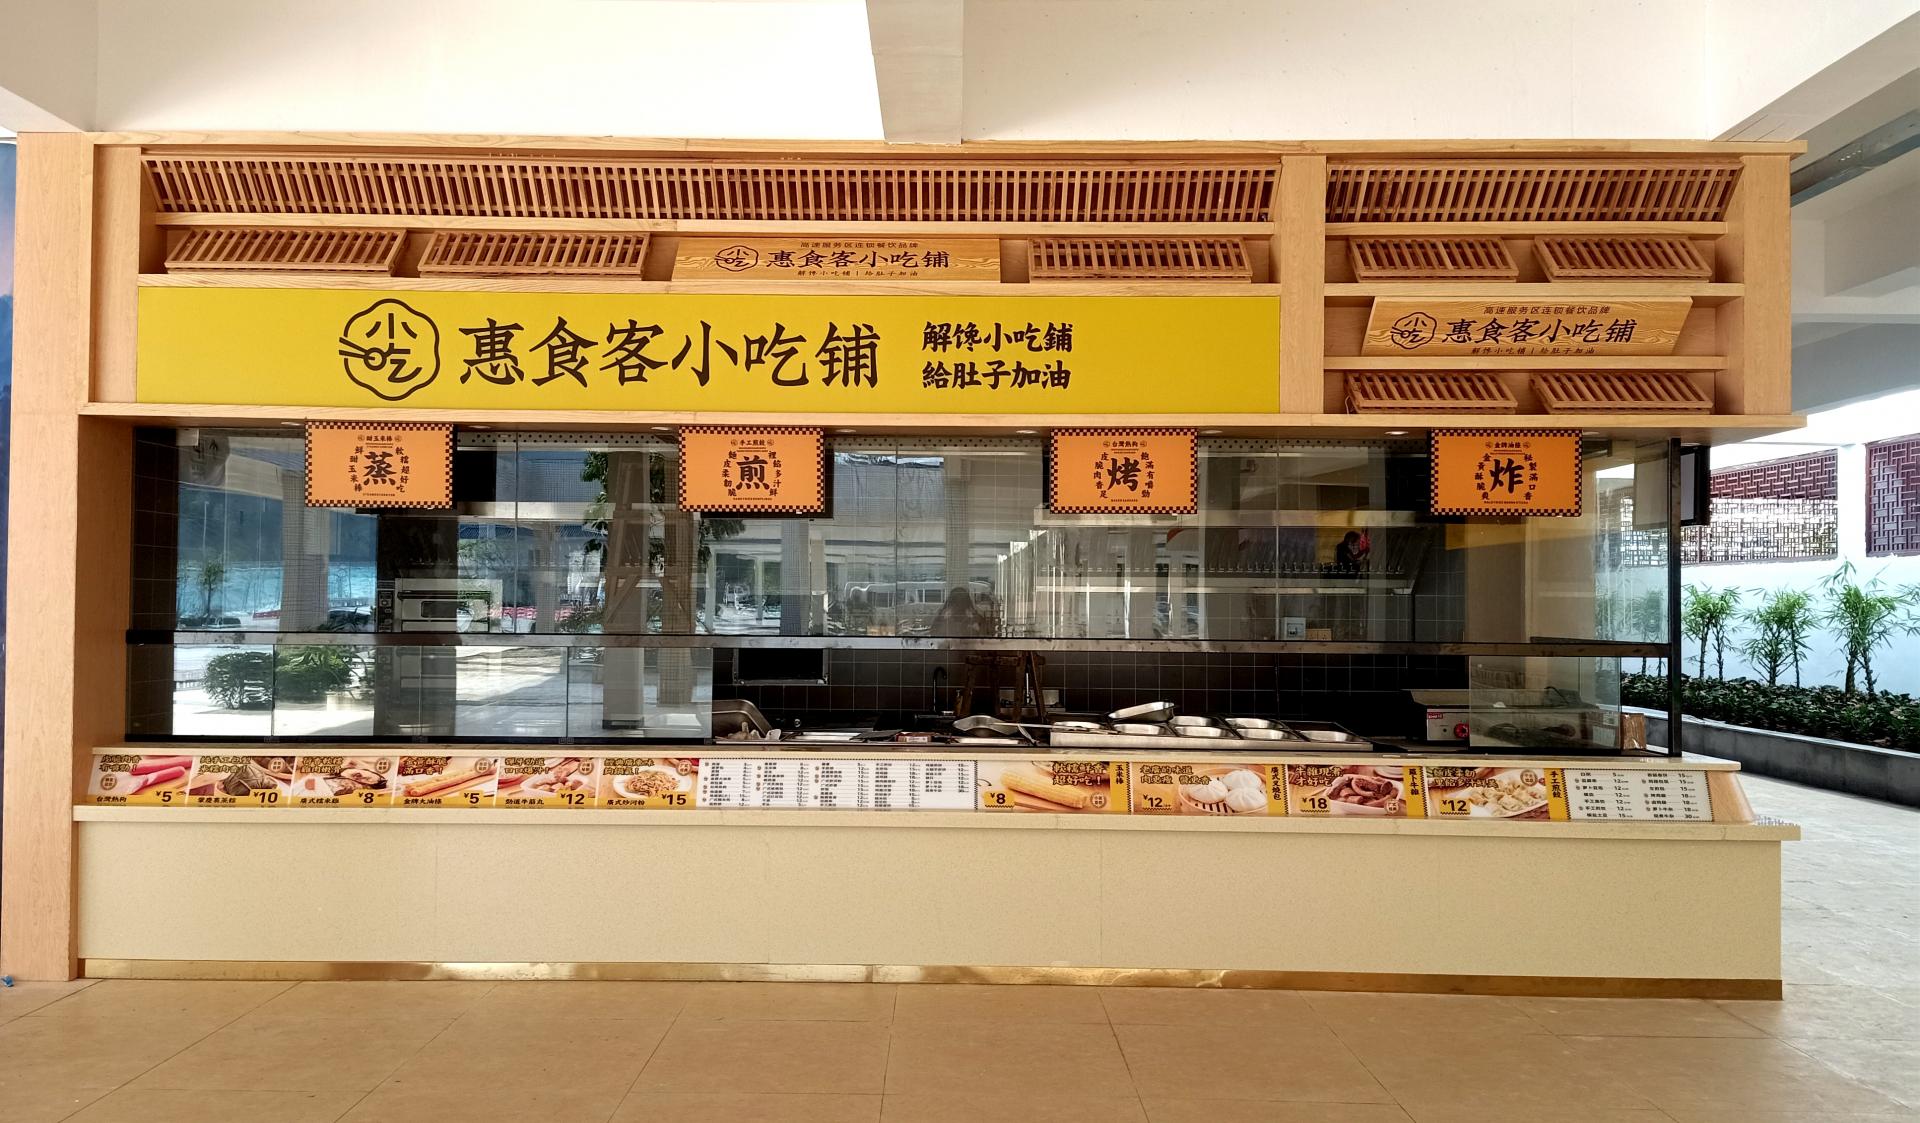 平塘服务区小吃铺(摄影:吴文峰)